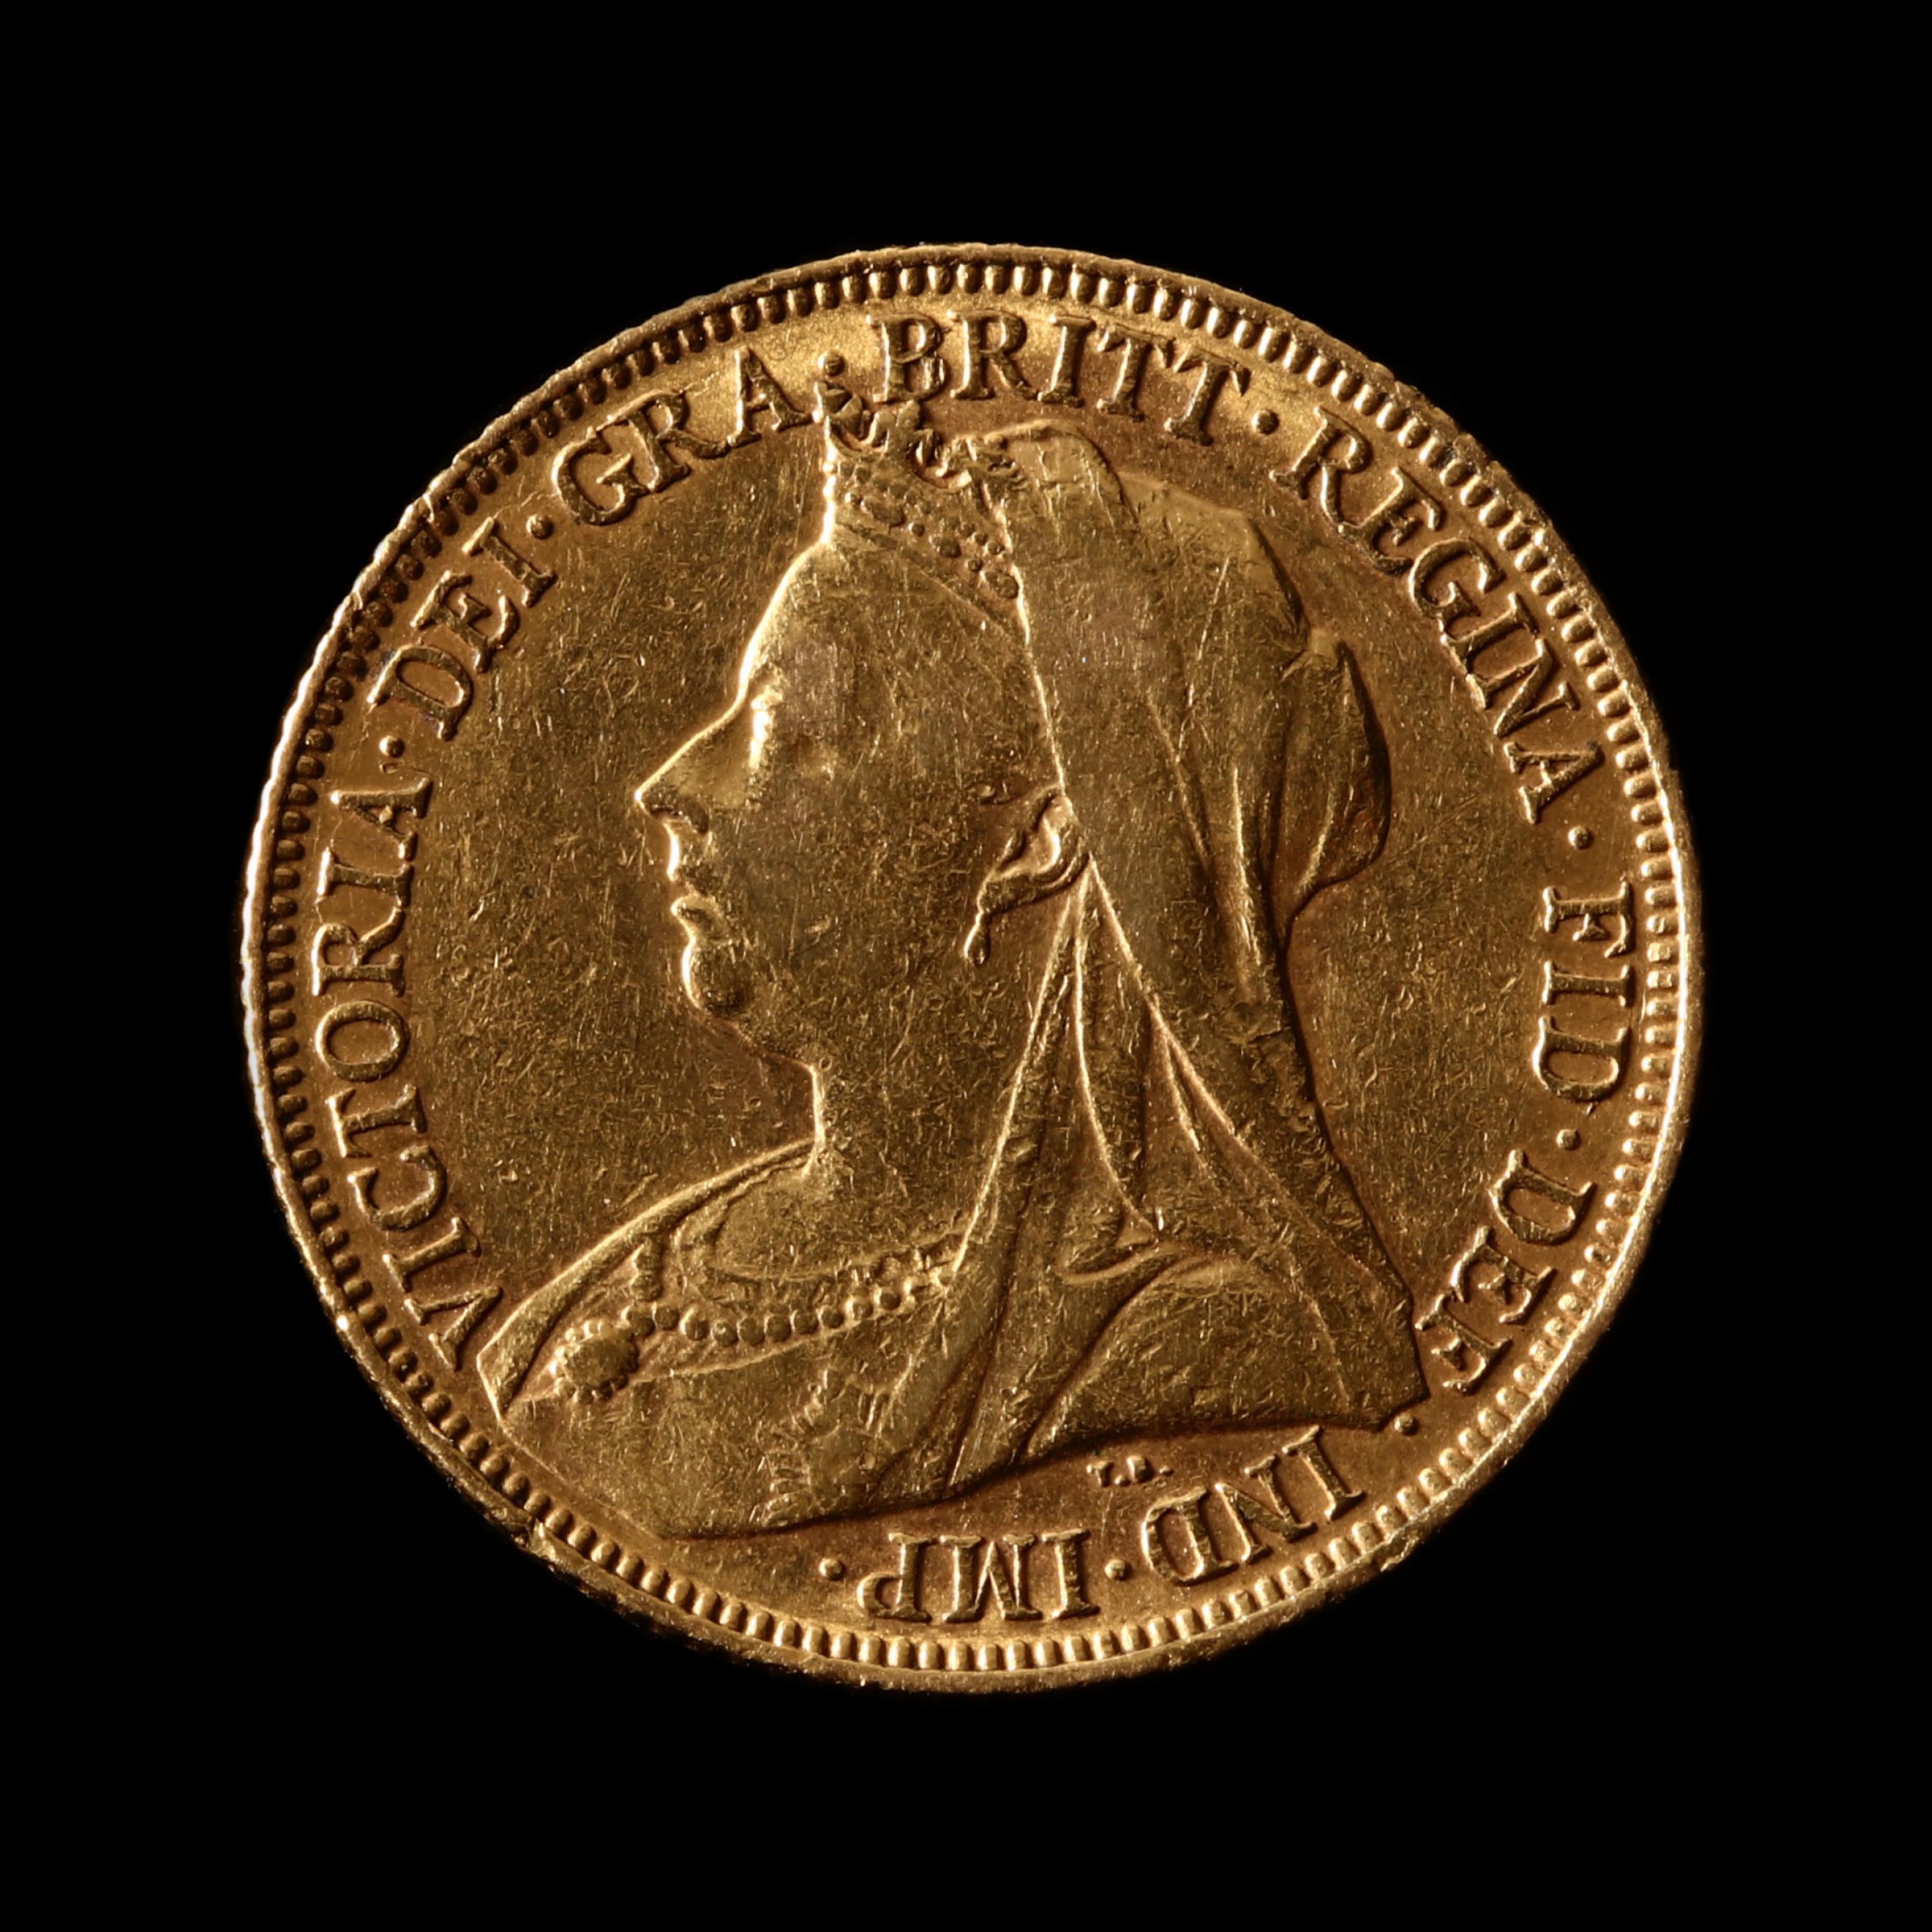 australia-1901m-gold-sovereign